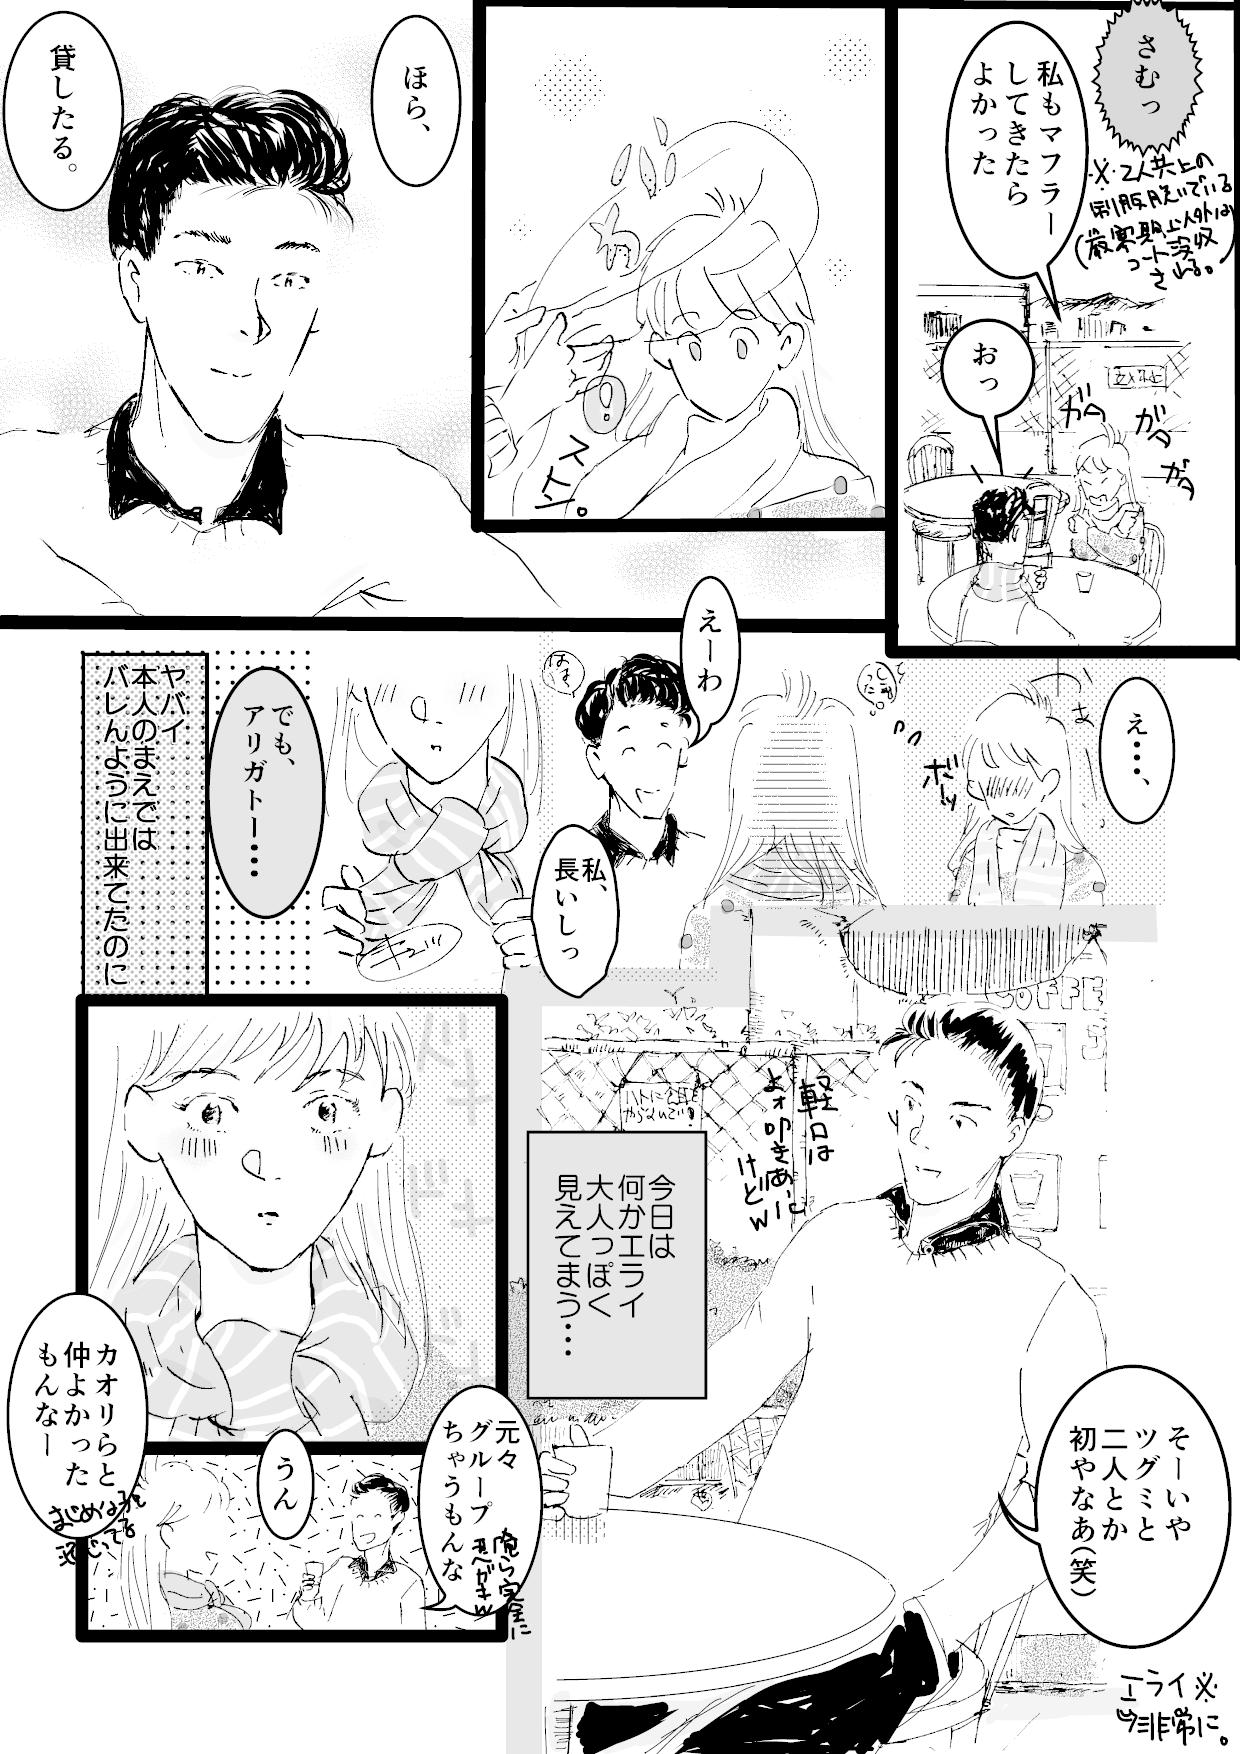 尼ケ崎ビートポップ_0013